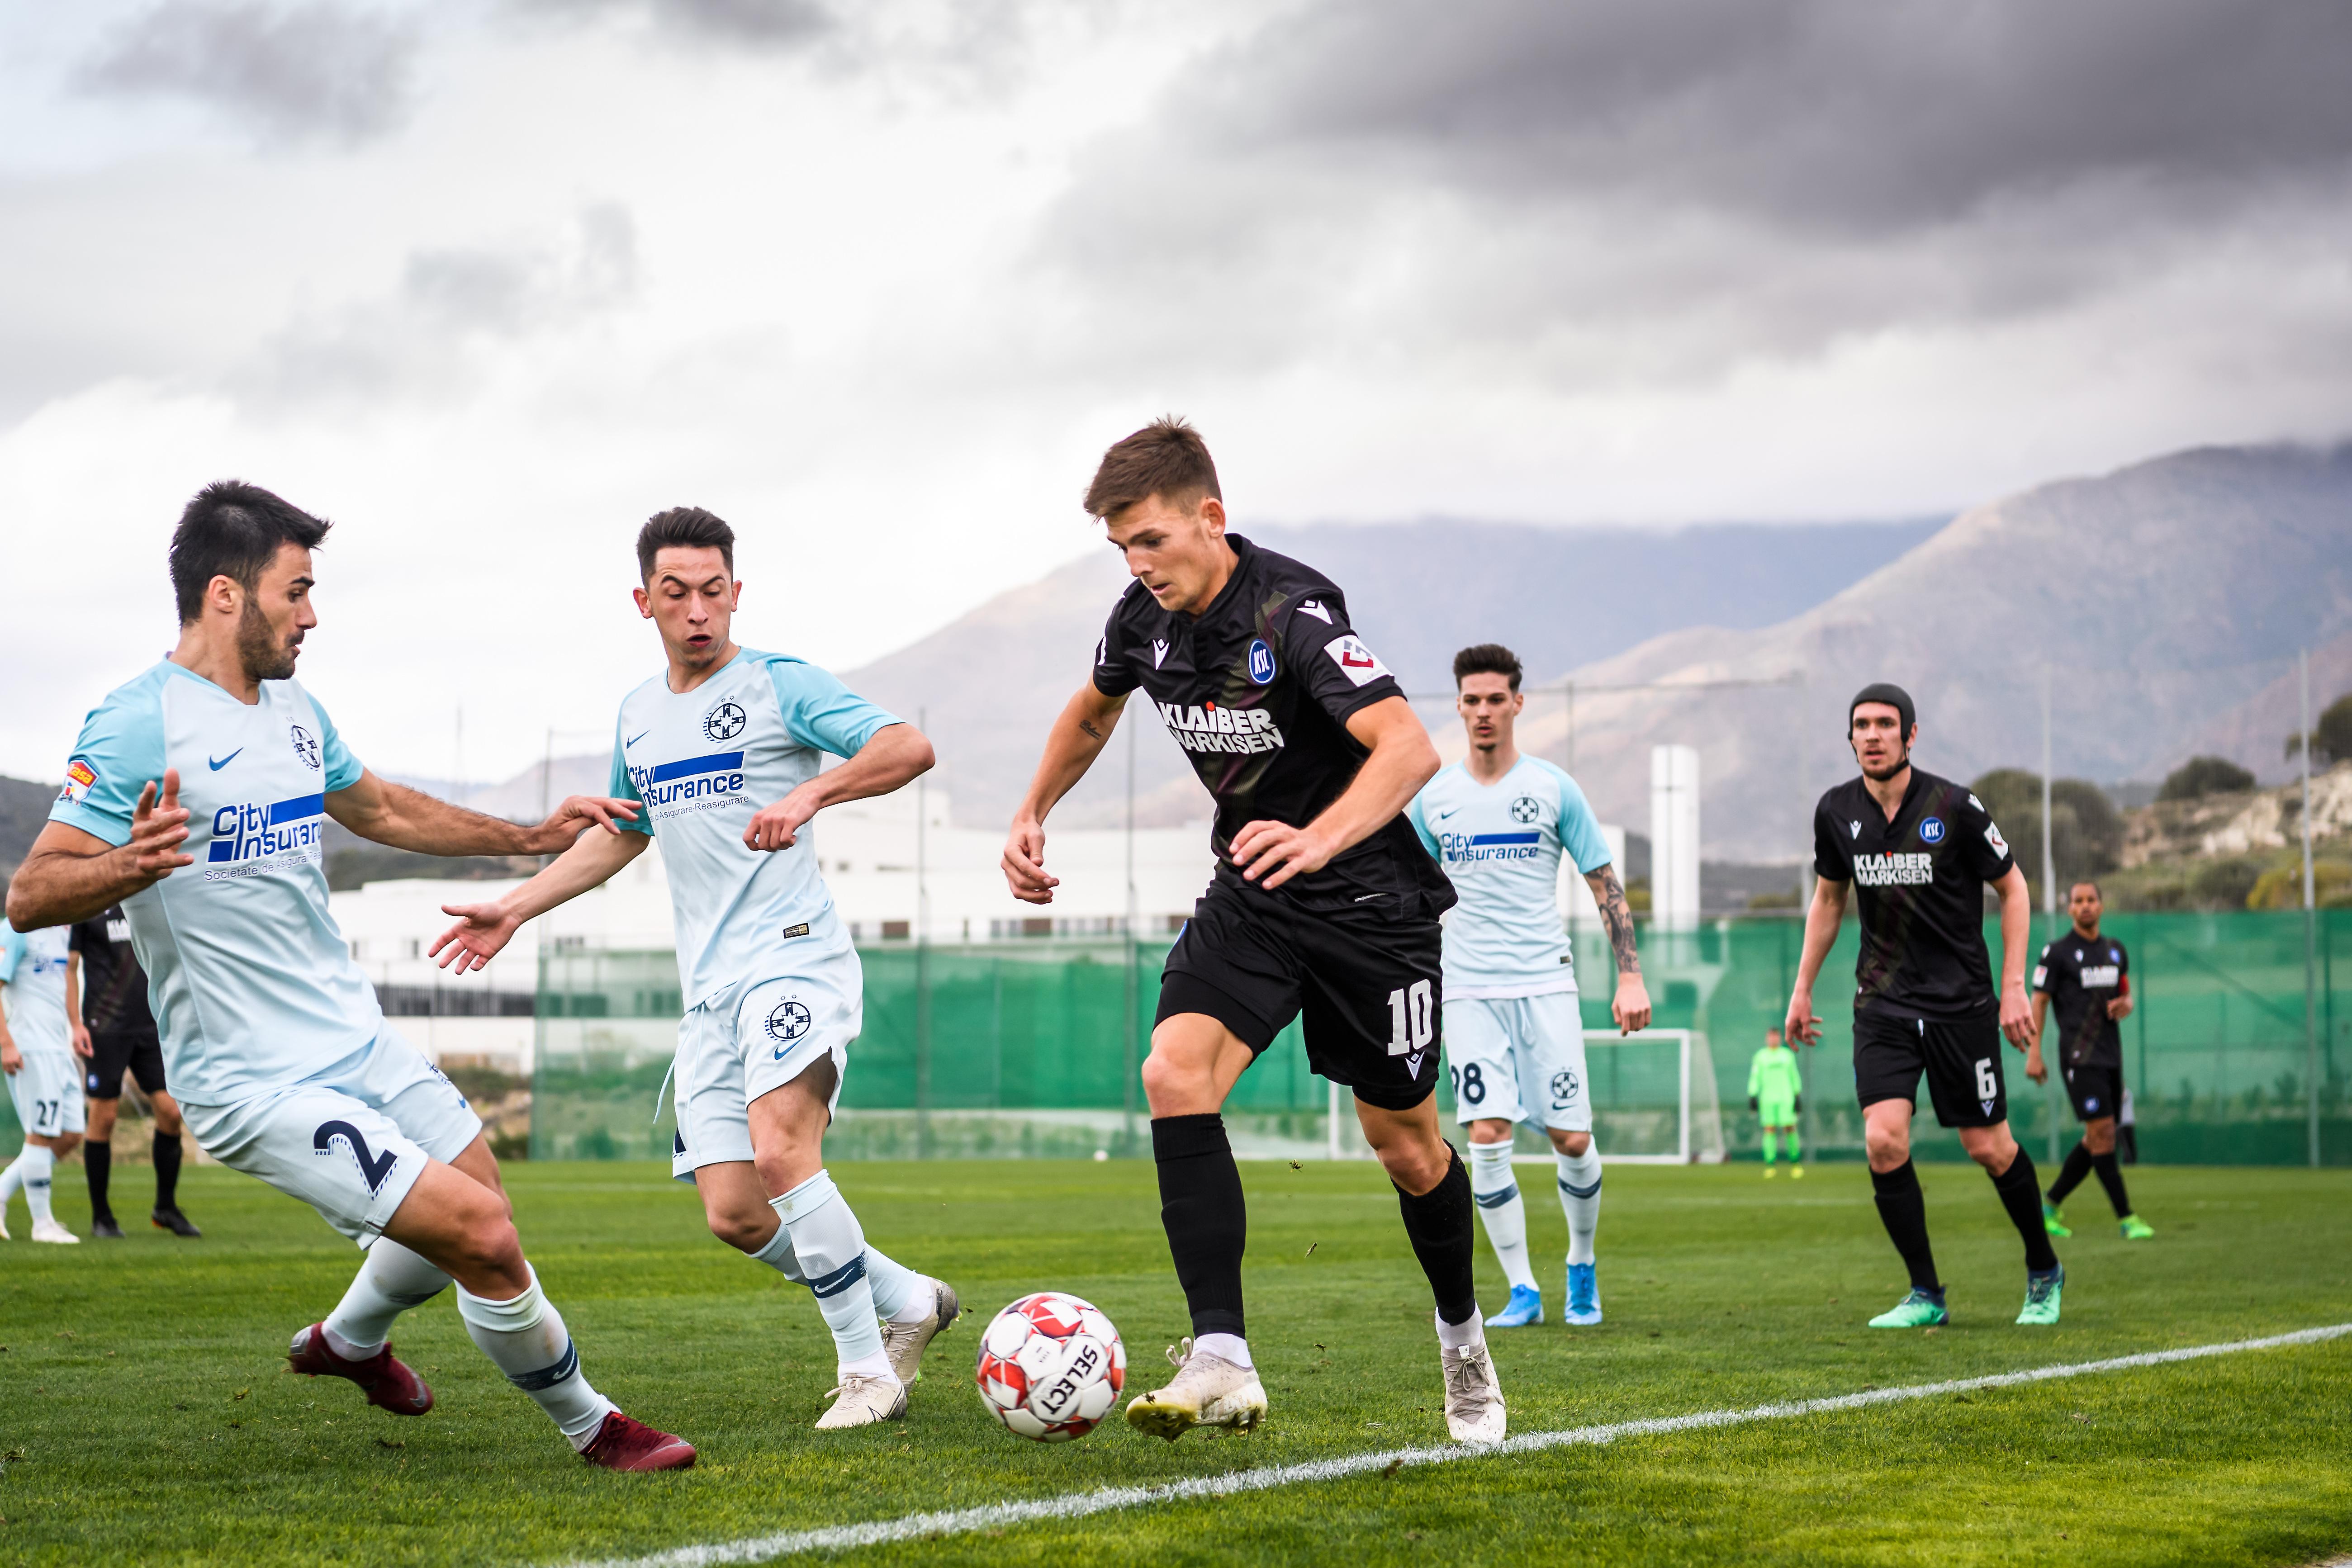 A FCSB magyarellenes rigmusokkal ünnepelte a kupagyőzelmet